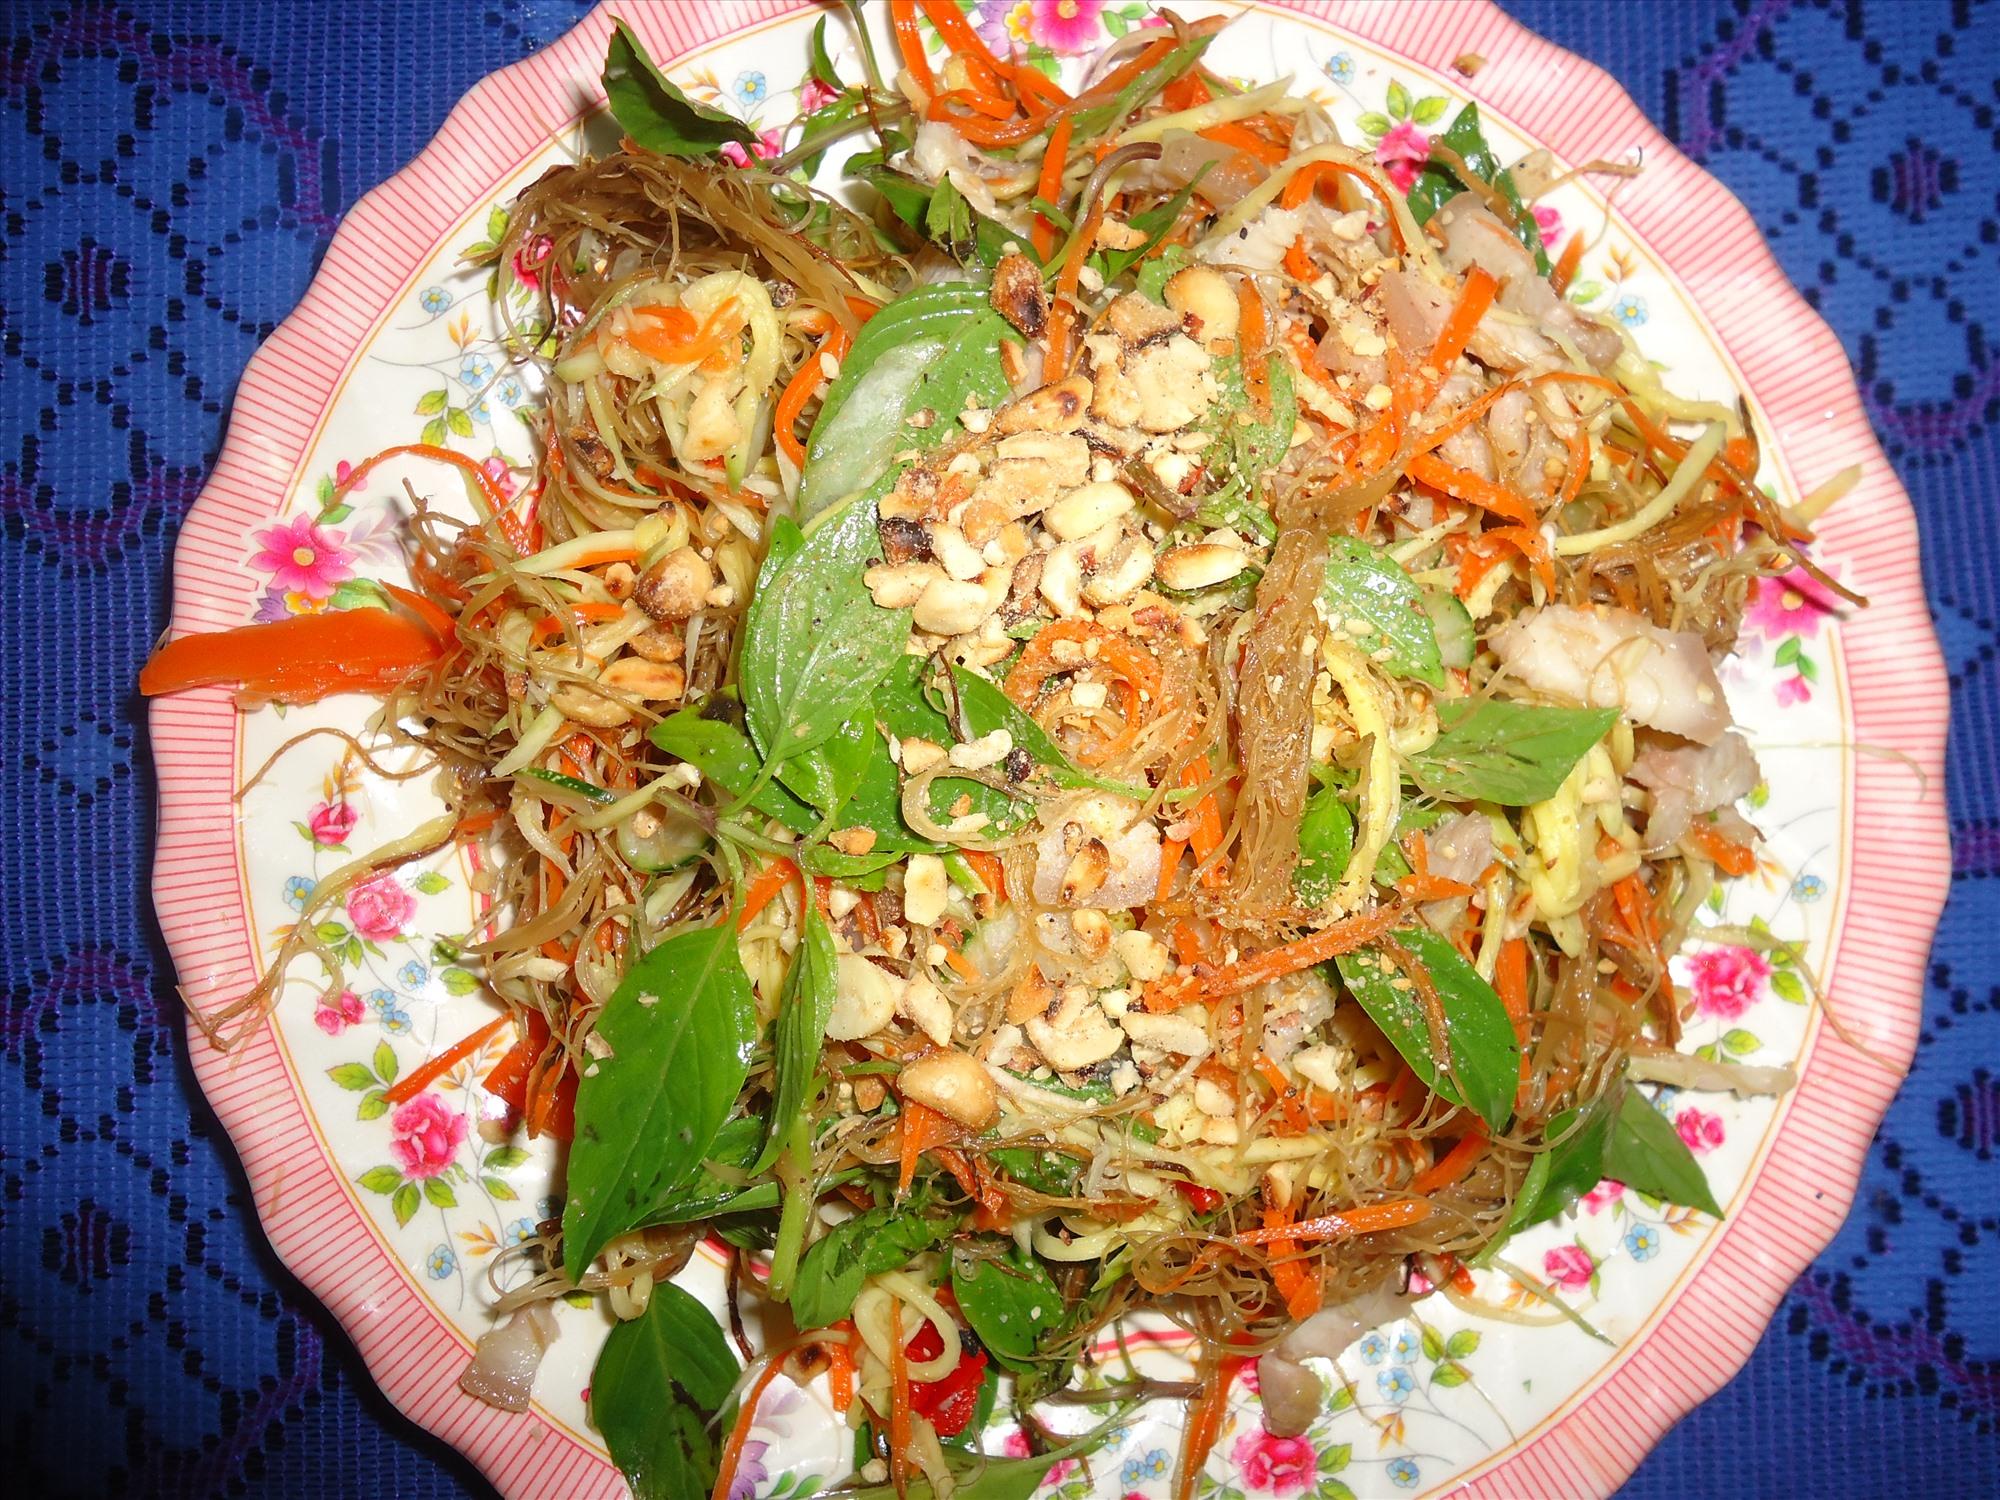 Gỏi rong cau là món ăn đặc sản vùng nước lợ Núi Thành.